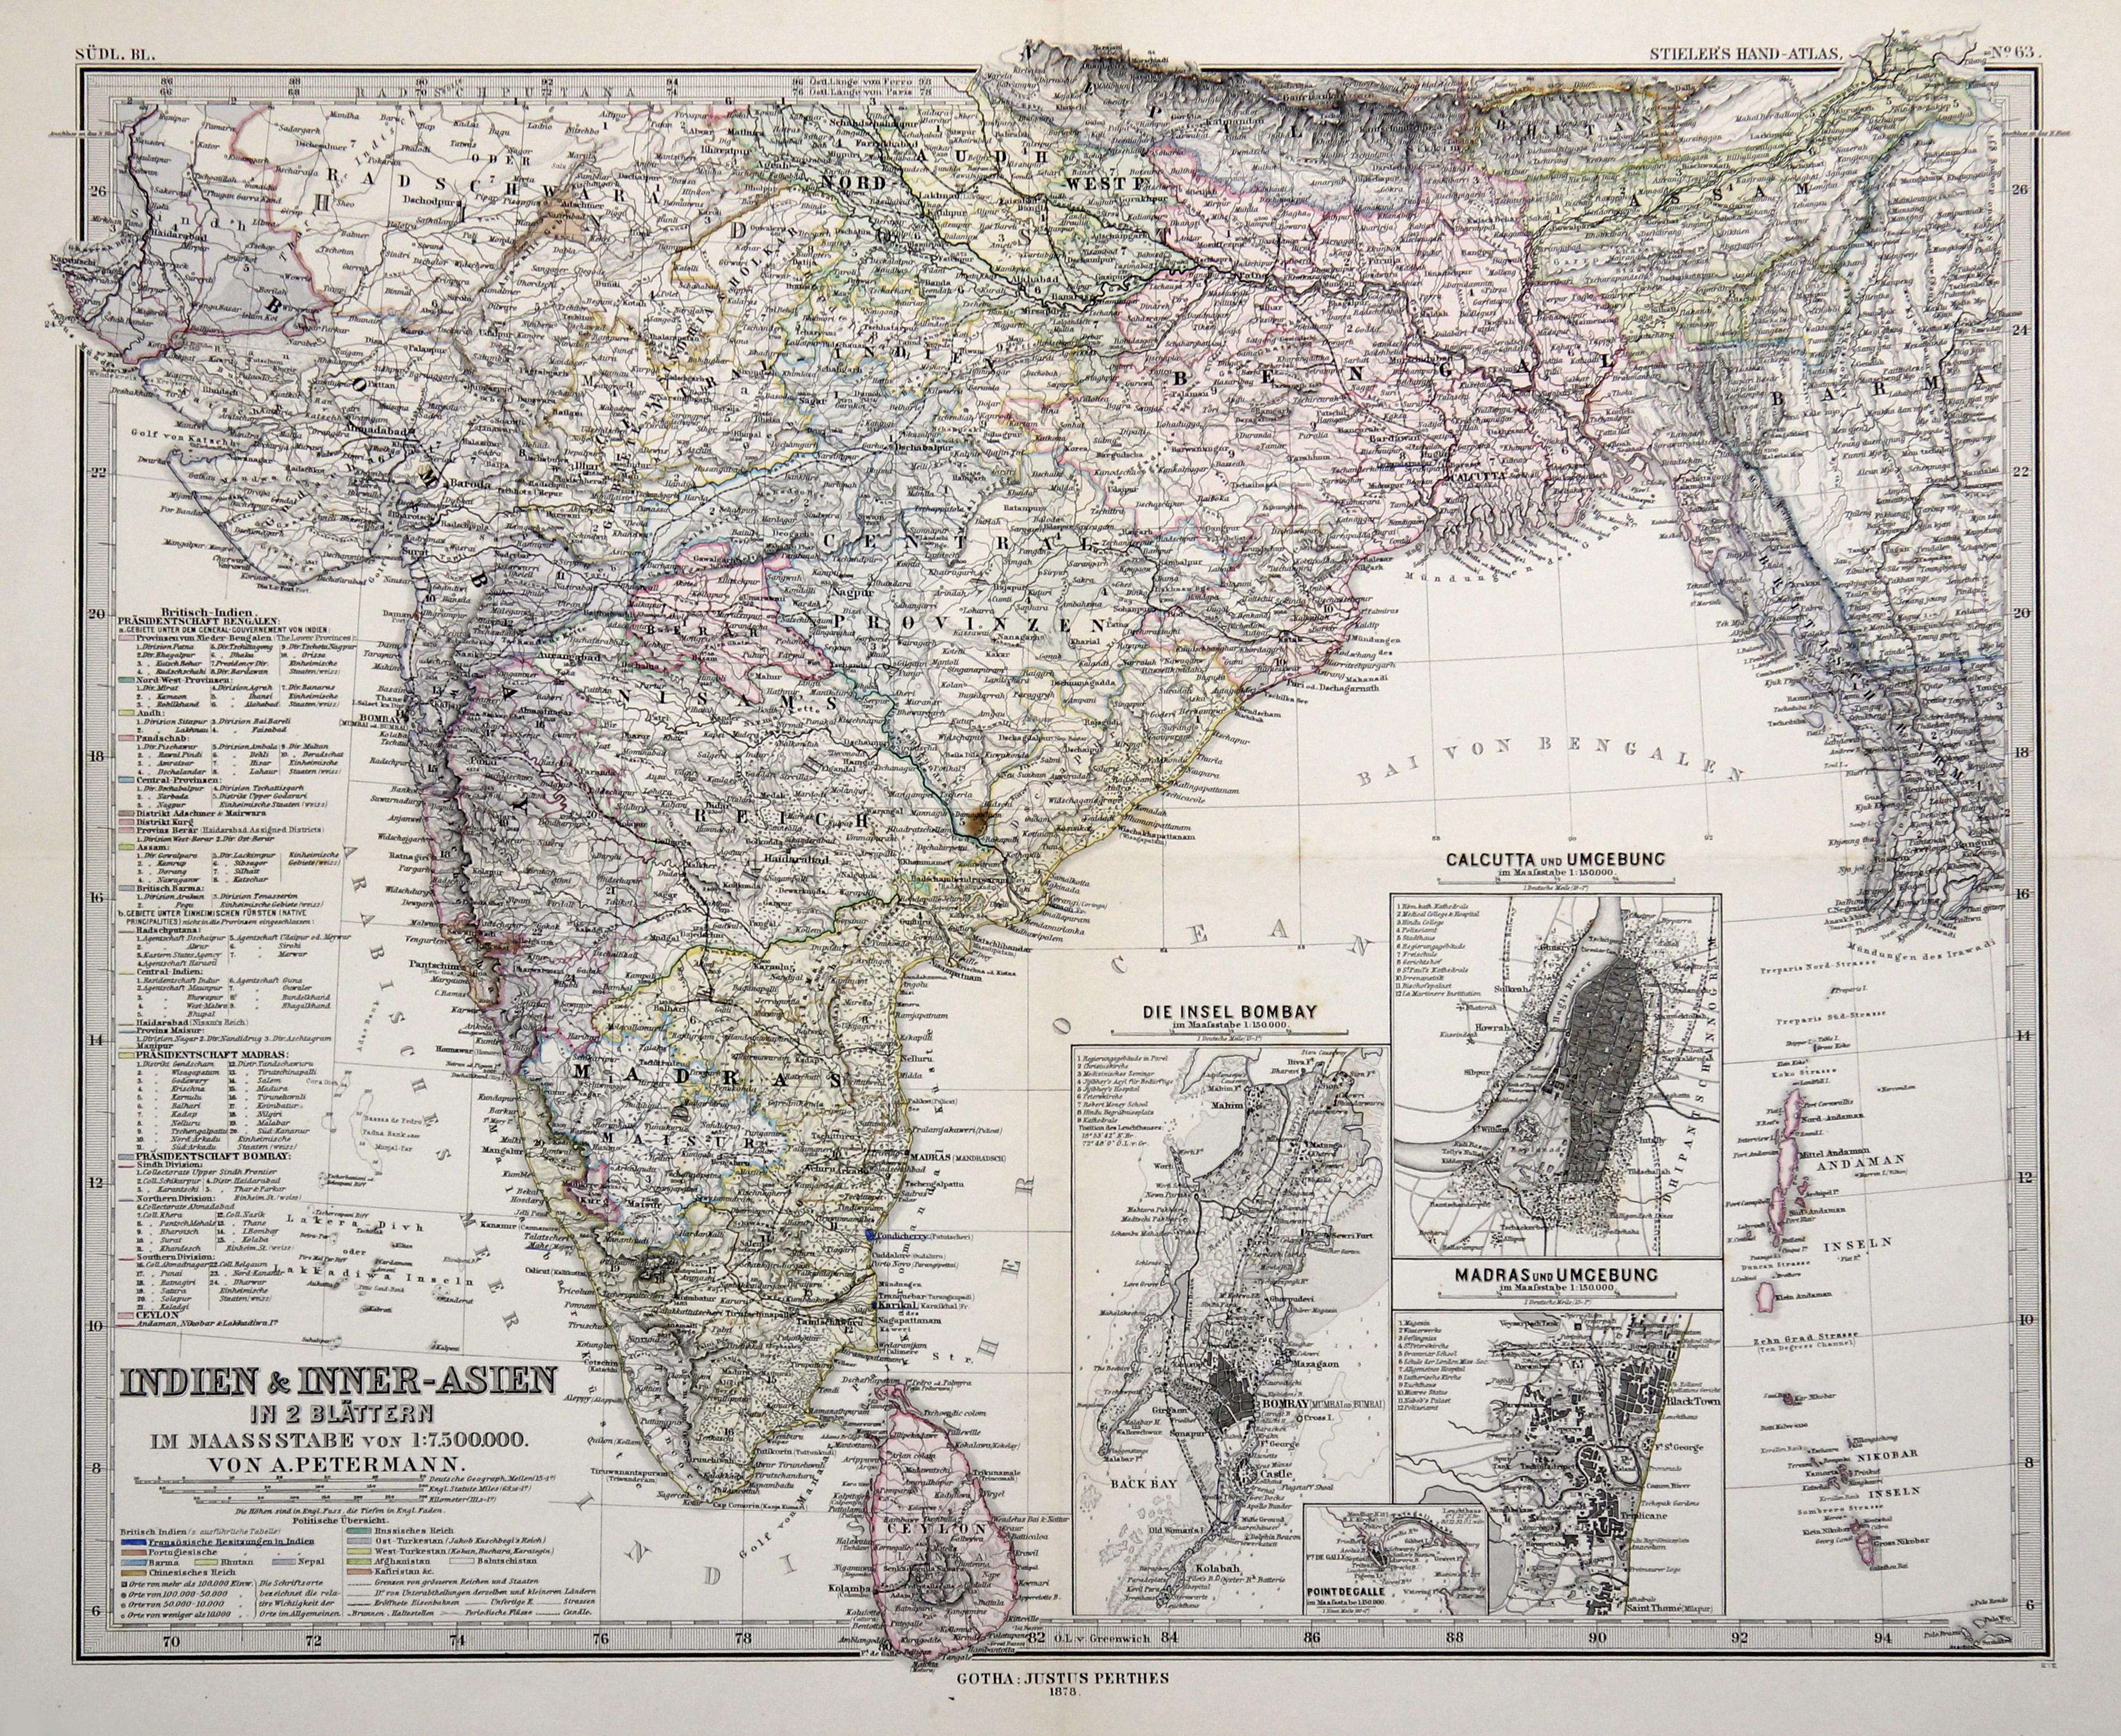 """Stst.- Karte, n. Petermann b. Perthes, """"Indien: Indien ( India"""